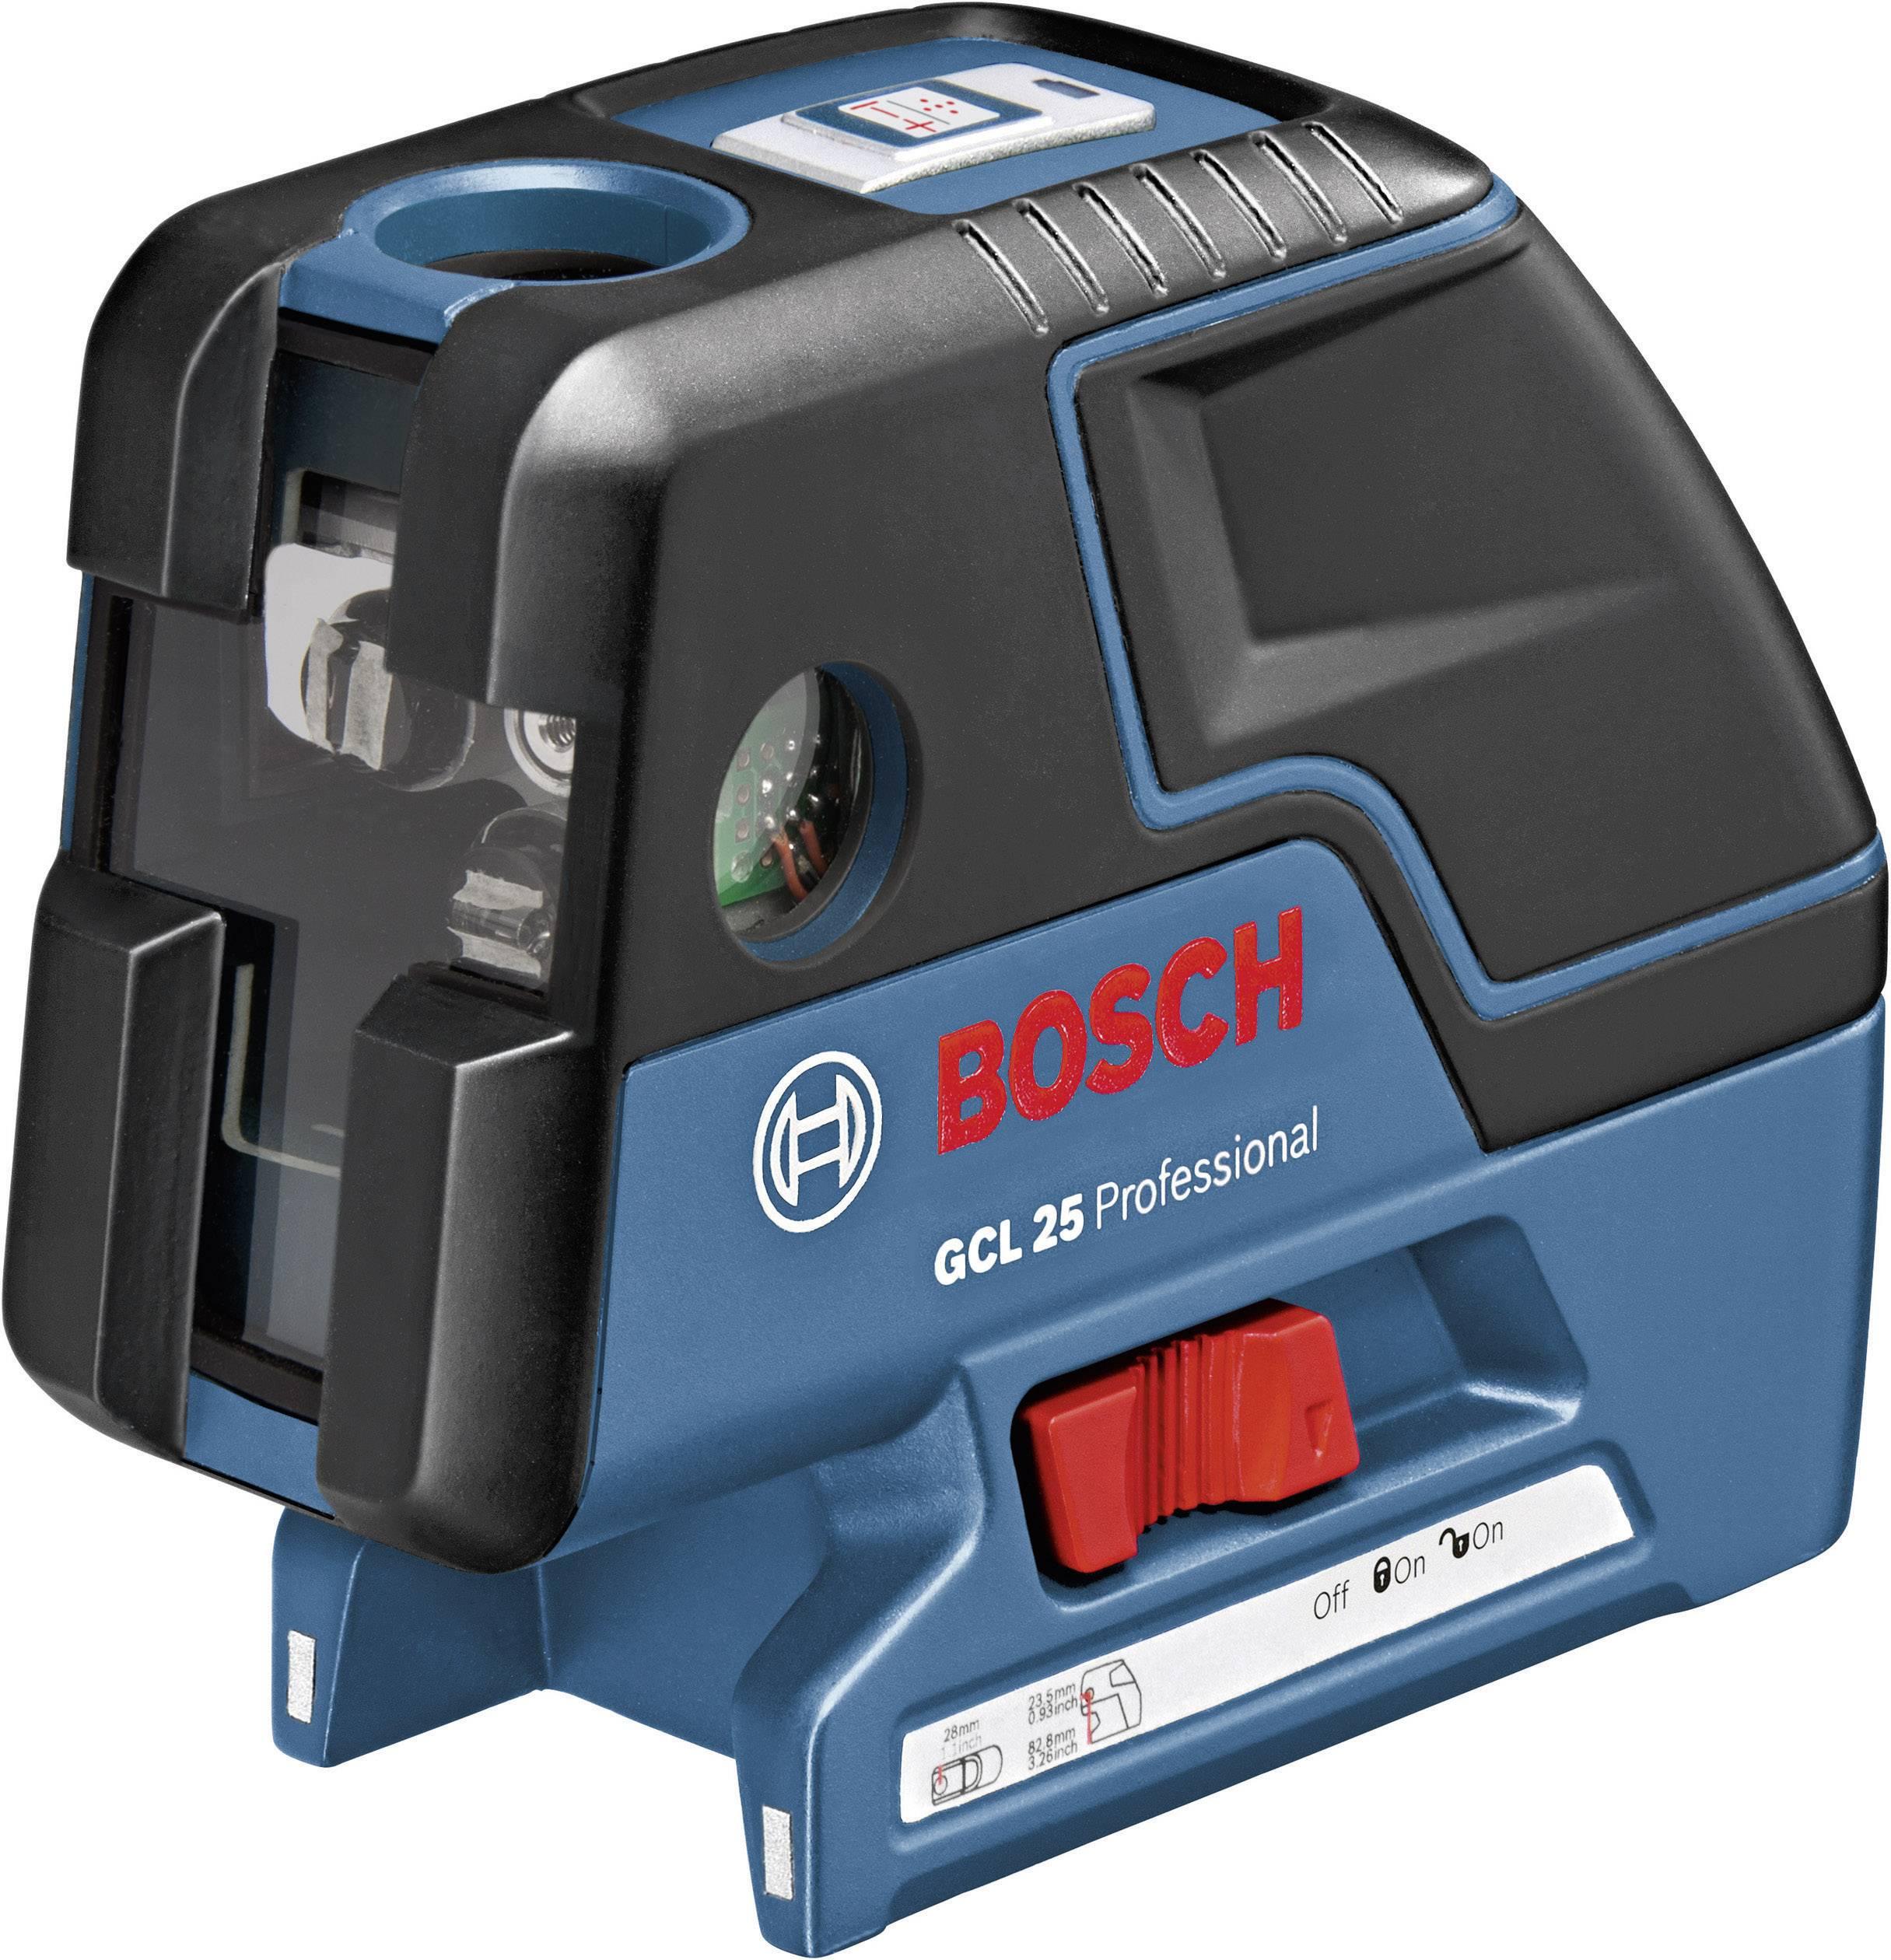 laser à points autonivelant bosch professional gcl 25 0601066b00